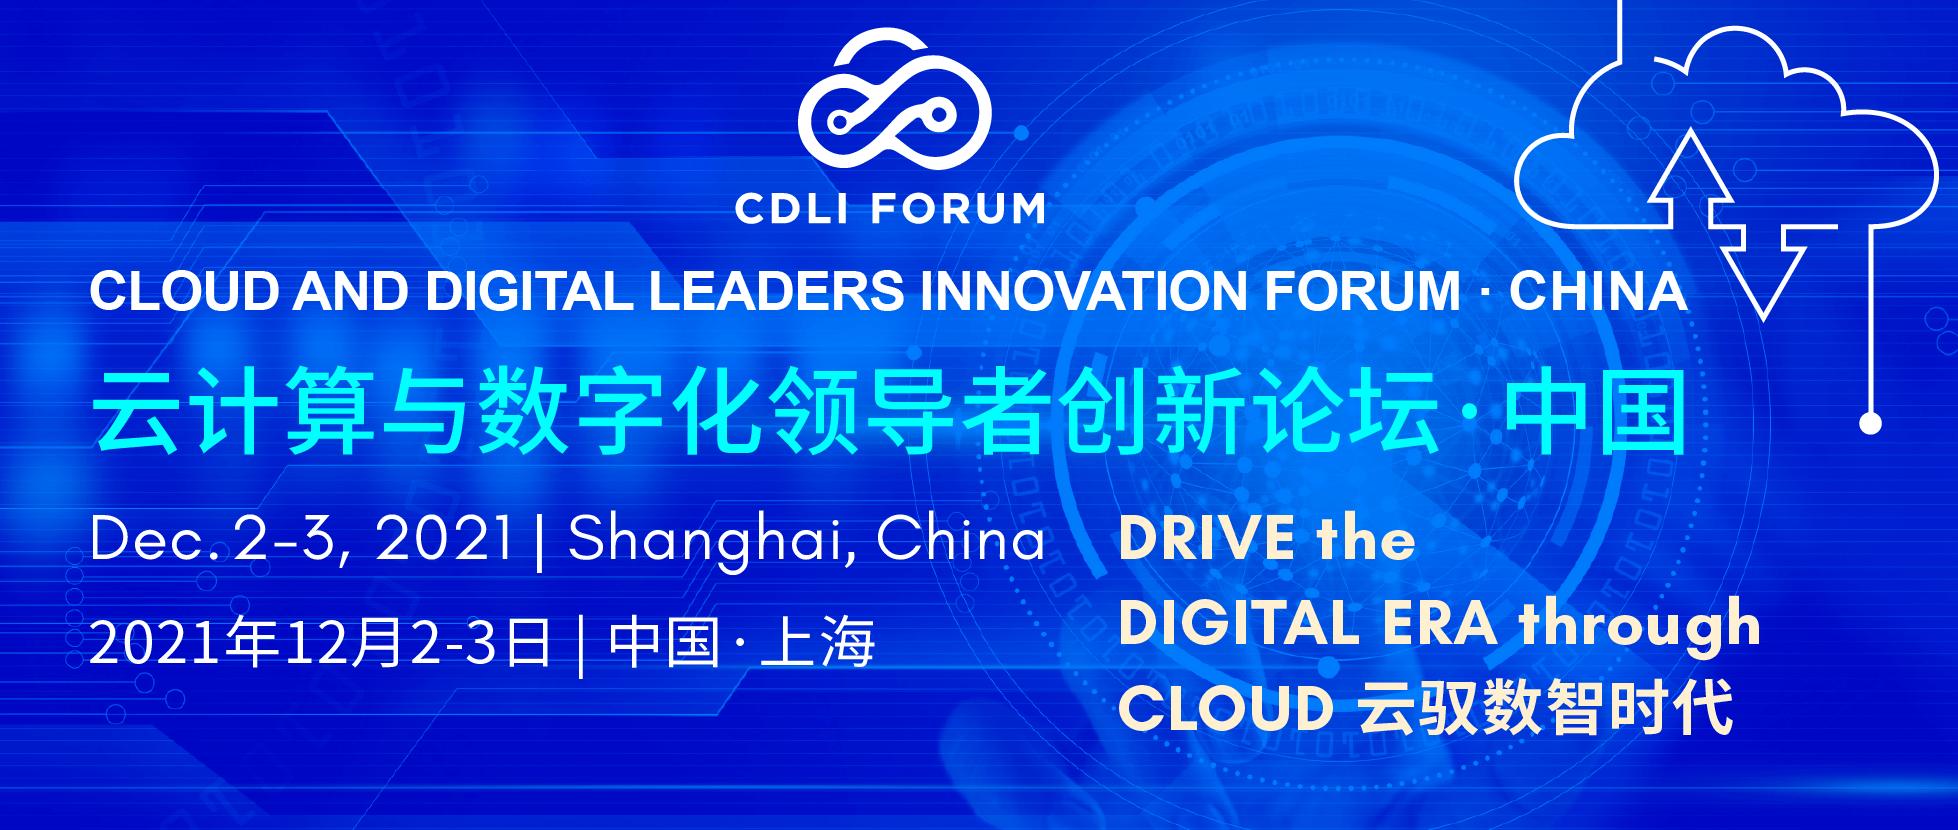 云计算与数字化领导者创新论坛·中国